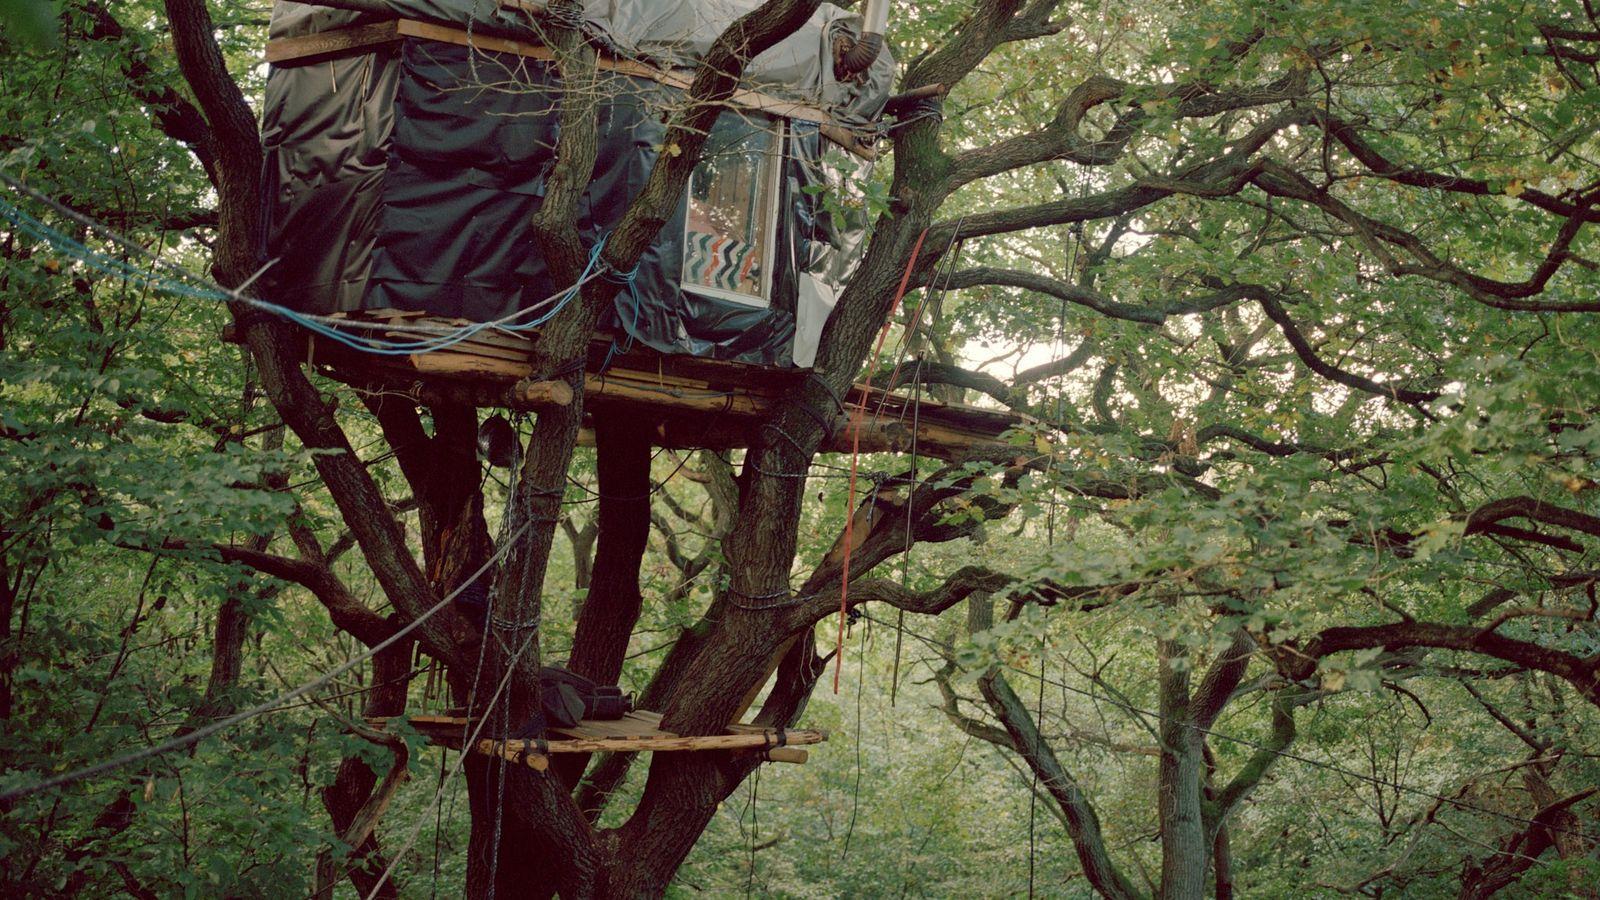 Im Rahmen der Waldbesetzung bauten Aktivisten bis zu 80 Baumhäuser. Die höchsten von ihnen befanden sich ...